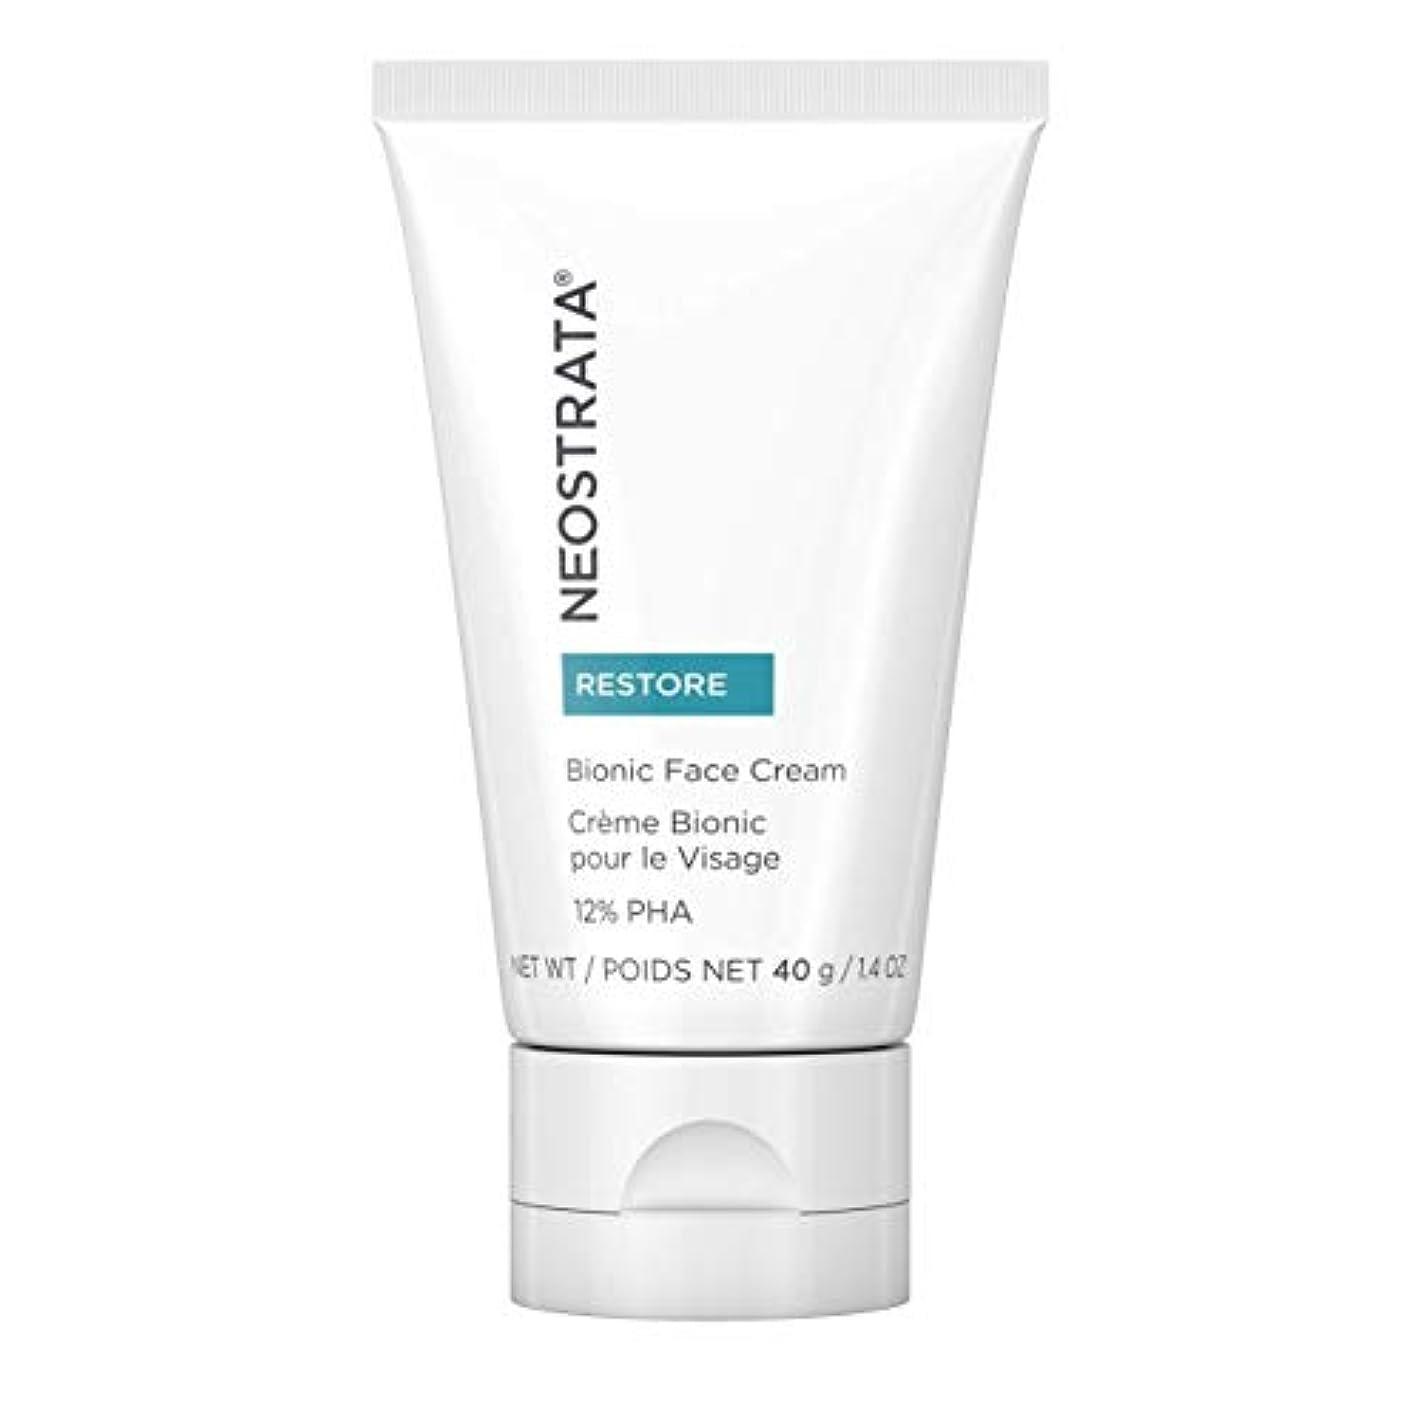 研磨剤ワーカー放射性ネオストラータ Restore - Bionic Face Cream 12% PHA 14g/1.4oz並行輸入品